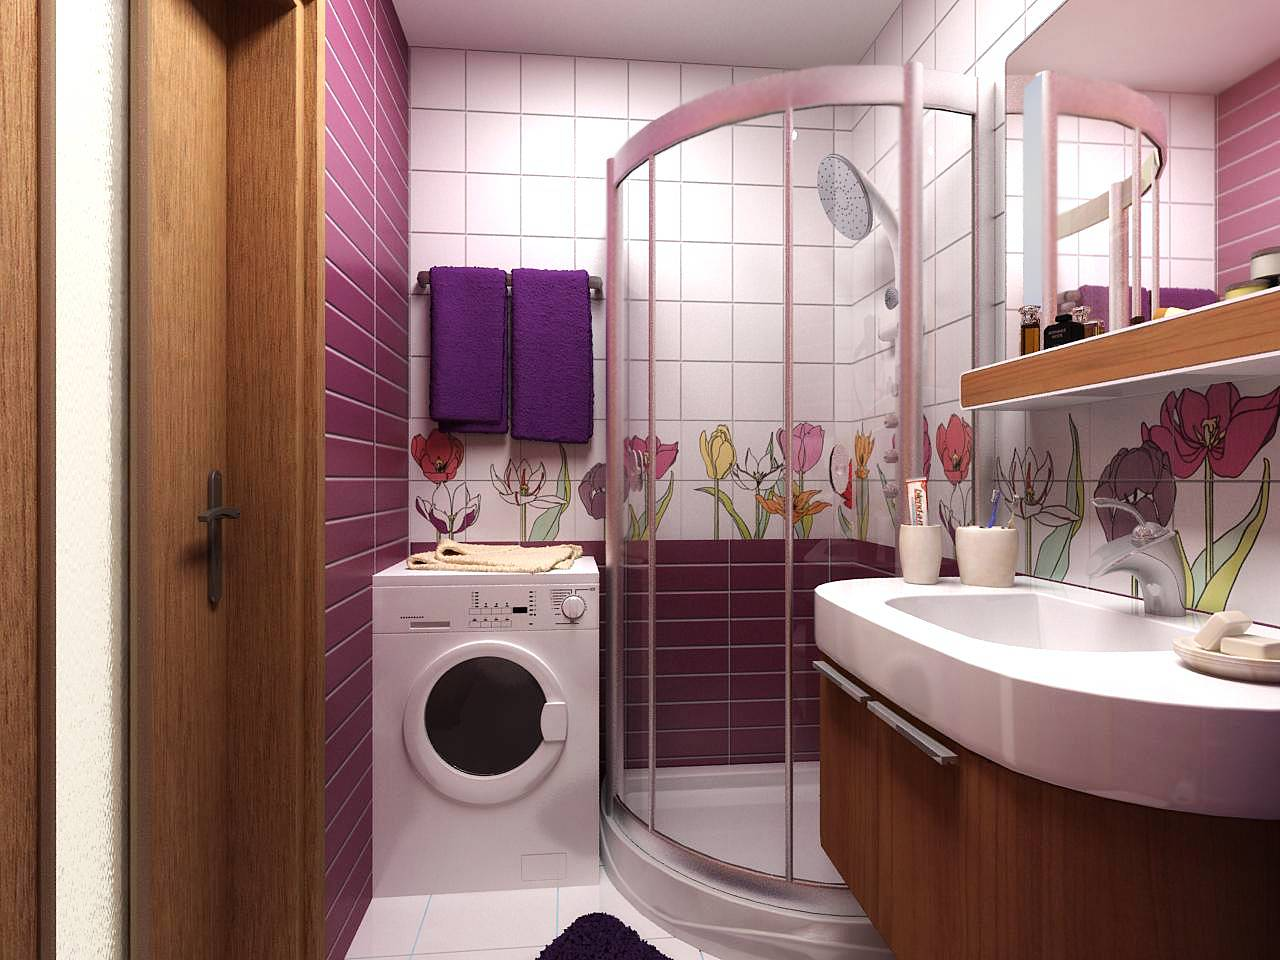 Дизайн-проекты ванных комнат (75 фото) - лучшие идеи интерьеров